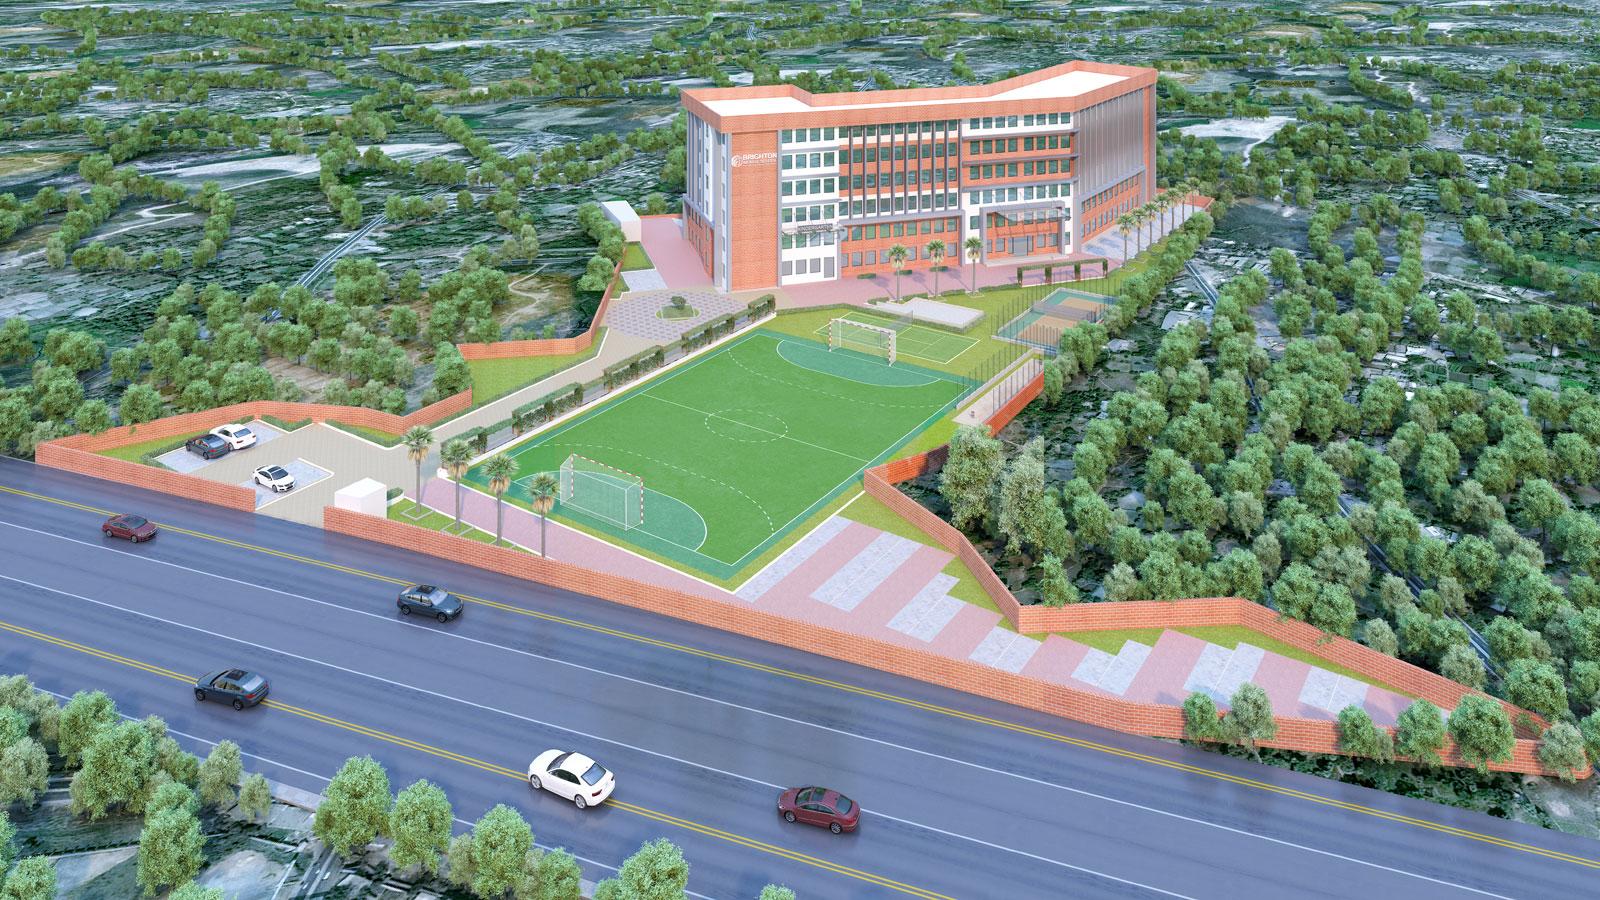 BEST INTERIOR DESIGNERS FOR SCHOOLS IN INDIA